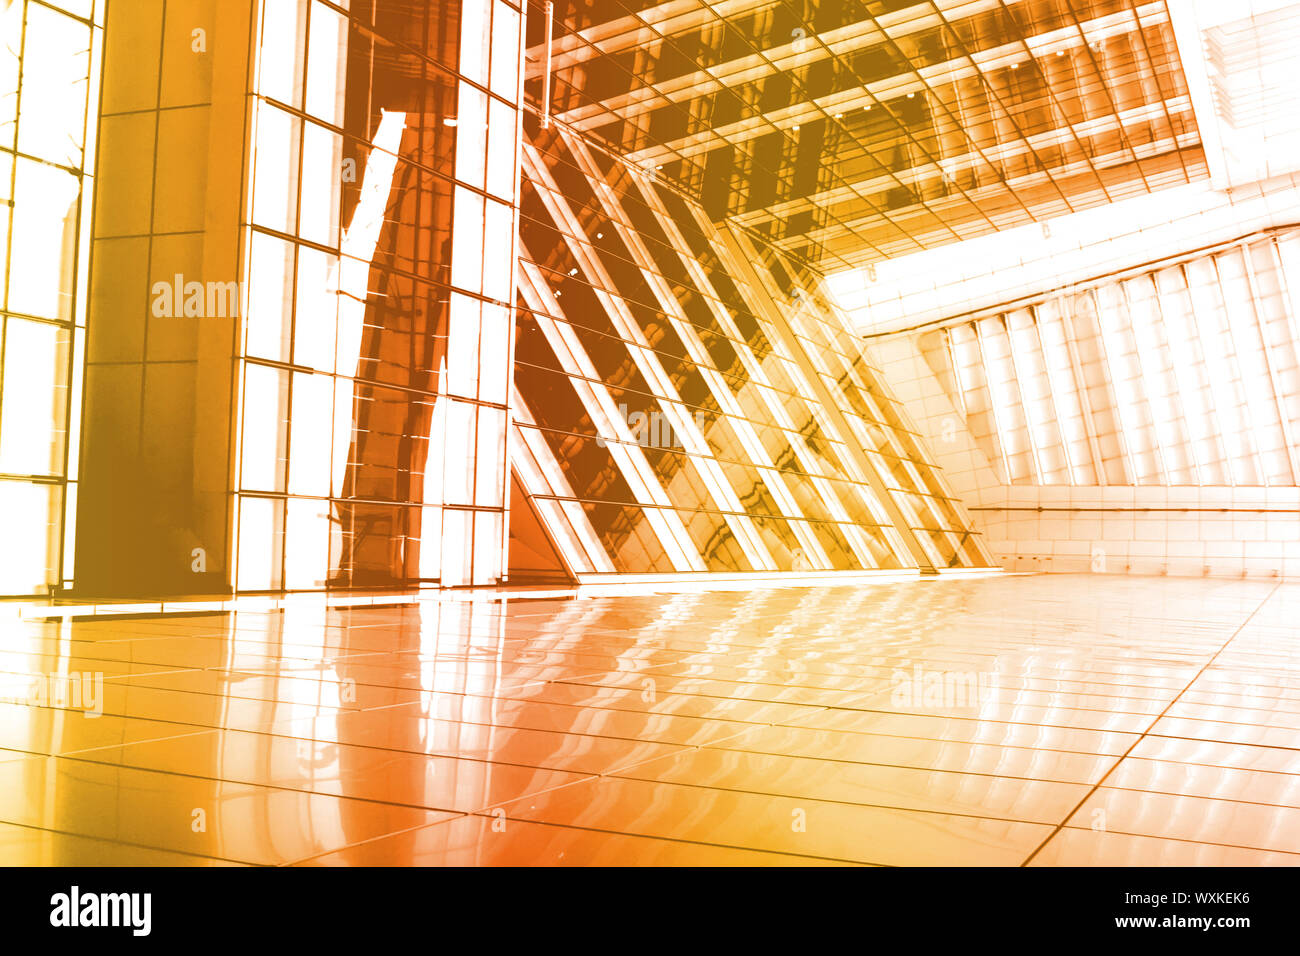 Résumé Fond d'immeuble Orange Banque D'Images